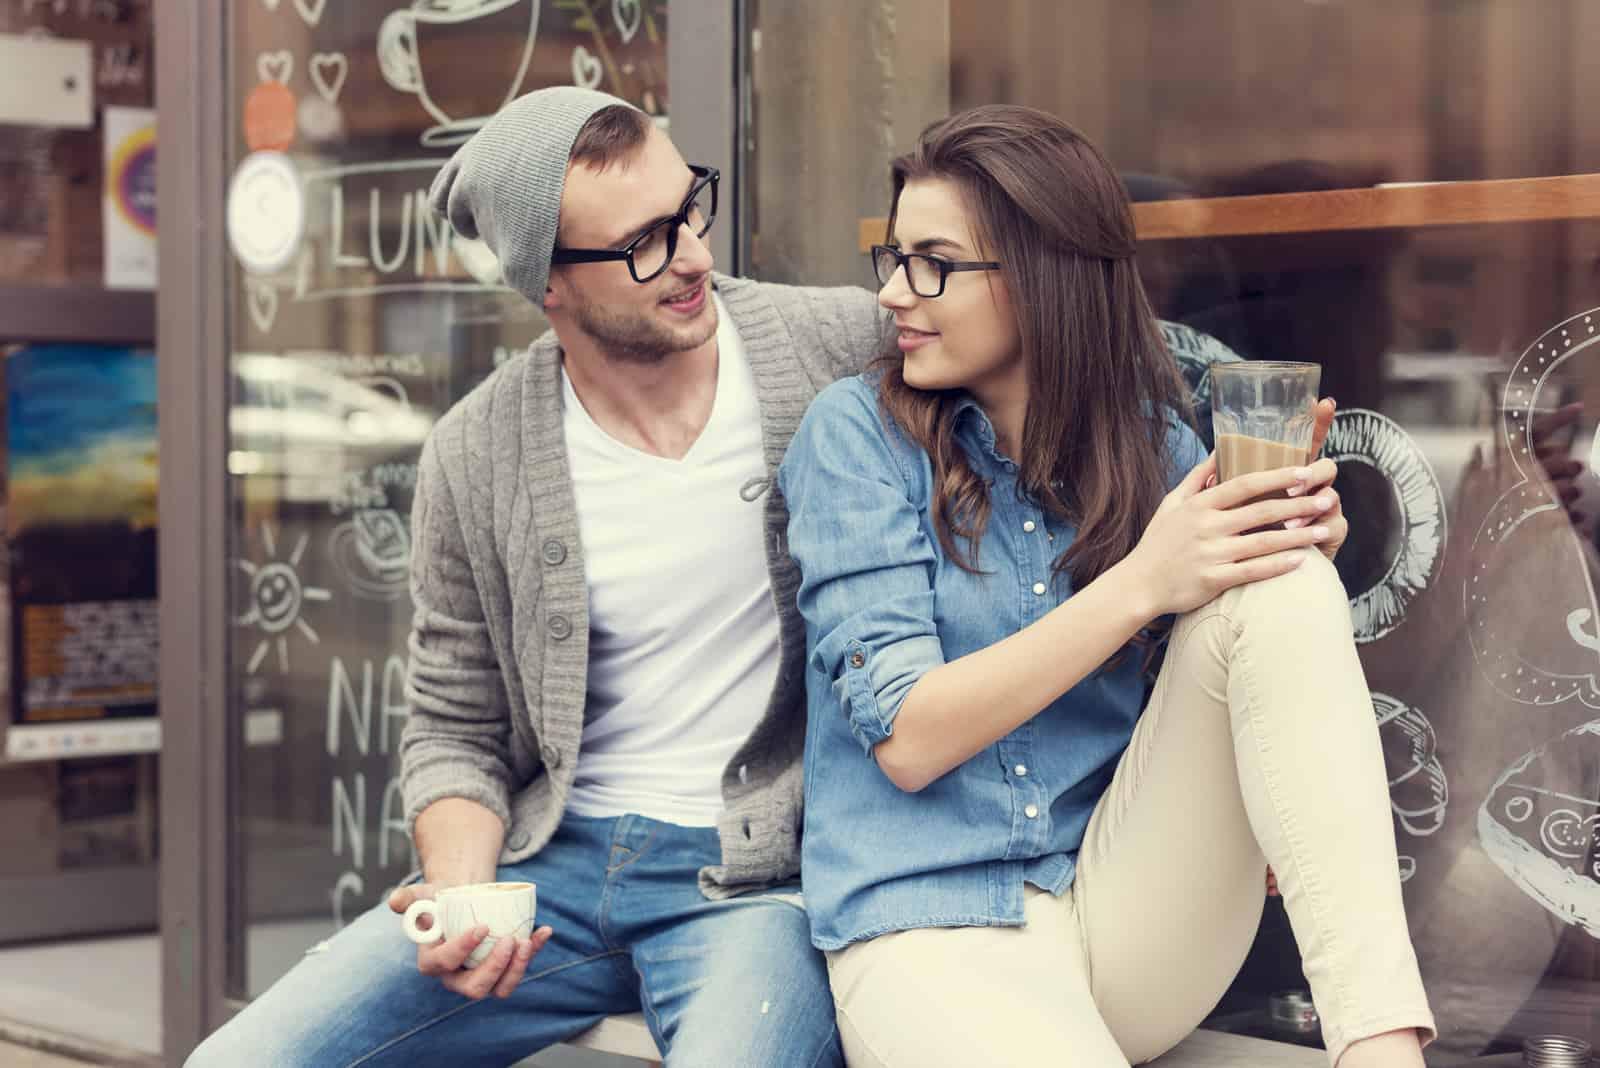 un homme et une femme sont assis dans une vitrine et boivent du café